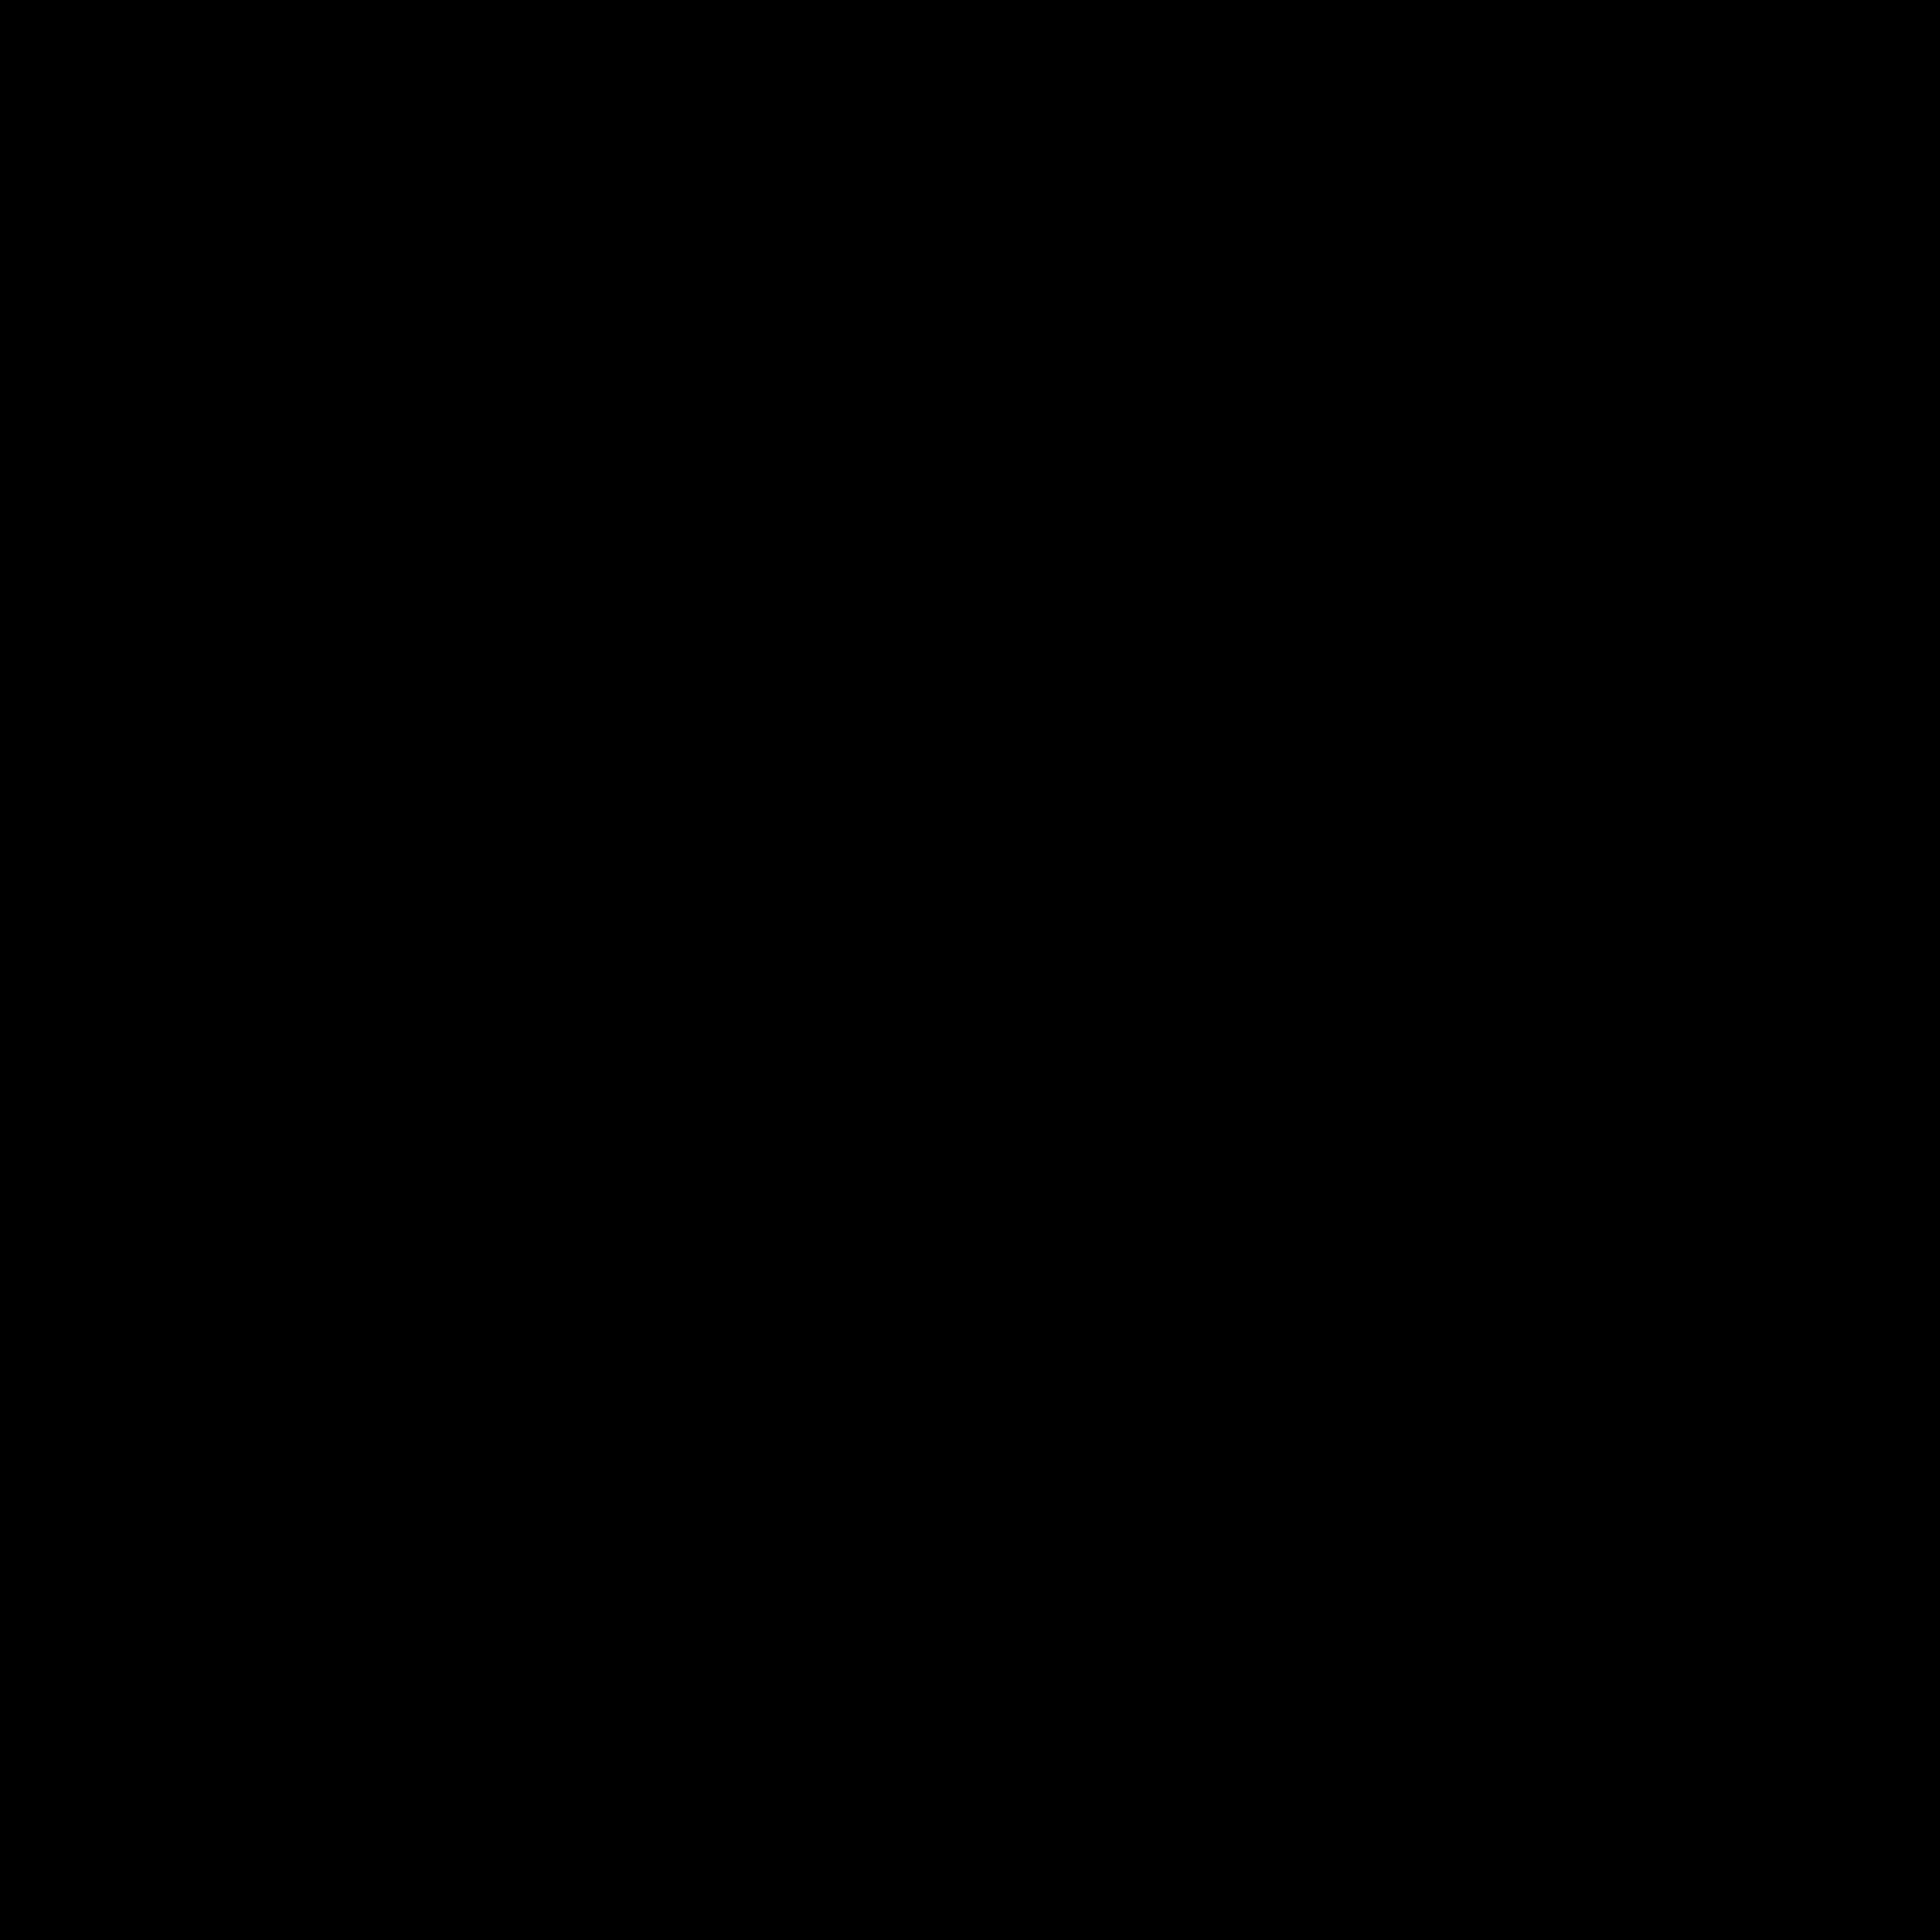 Wniosek o patronat - udział Ministra Edukacji i Nauki w komitecie honorowym - krok po kroku